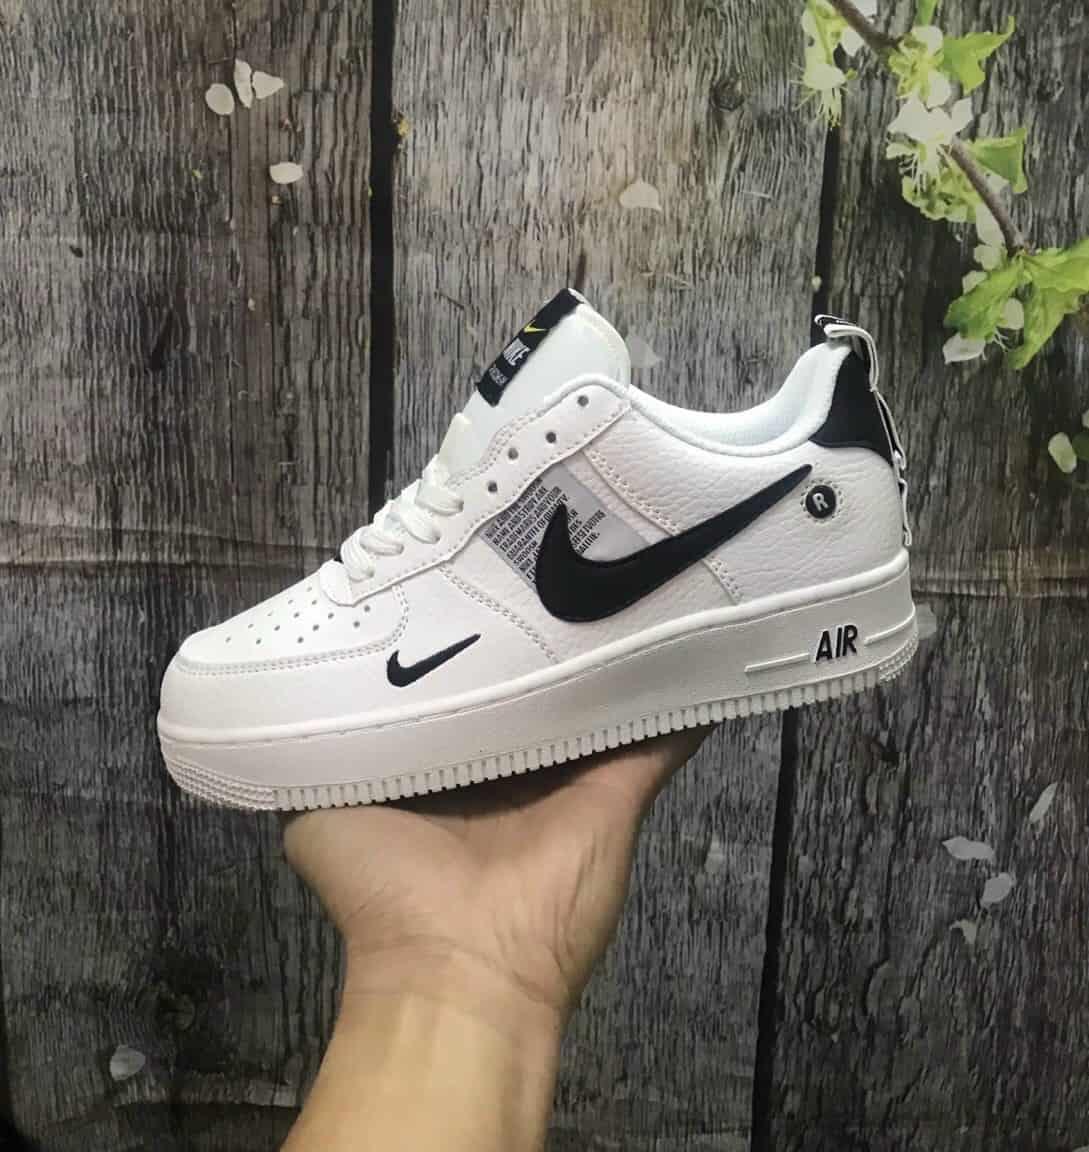 Giày Nike Air Force 1 TM rep 1:1 được sự săn đón nồng nhiệt từ các tín đồ thời trang